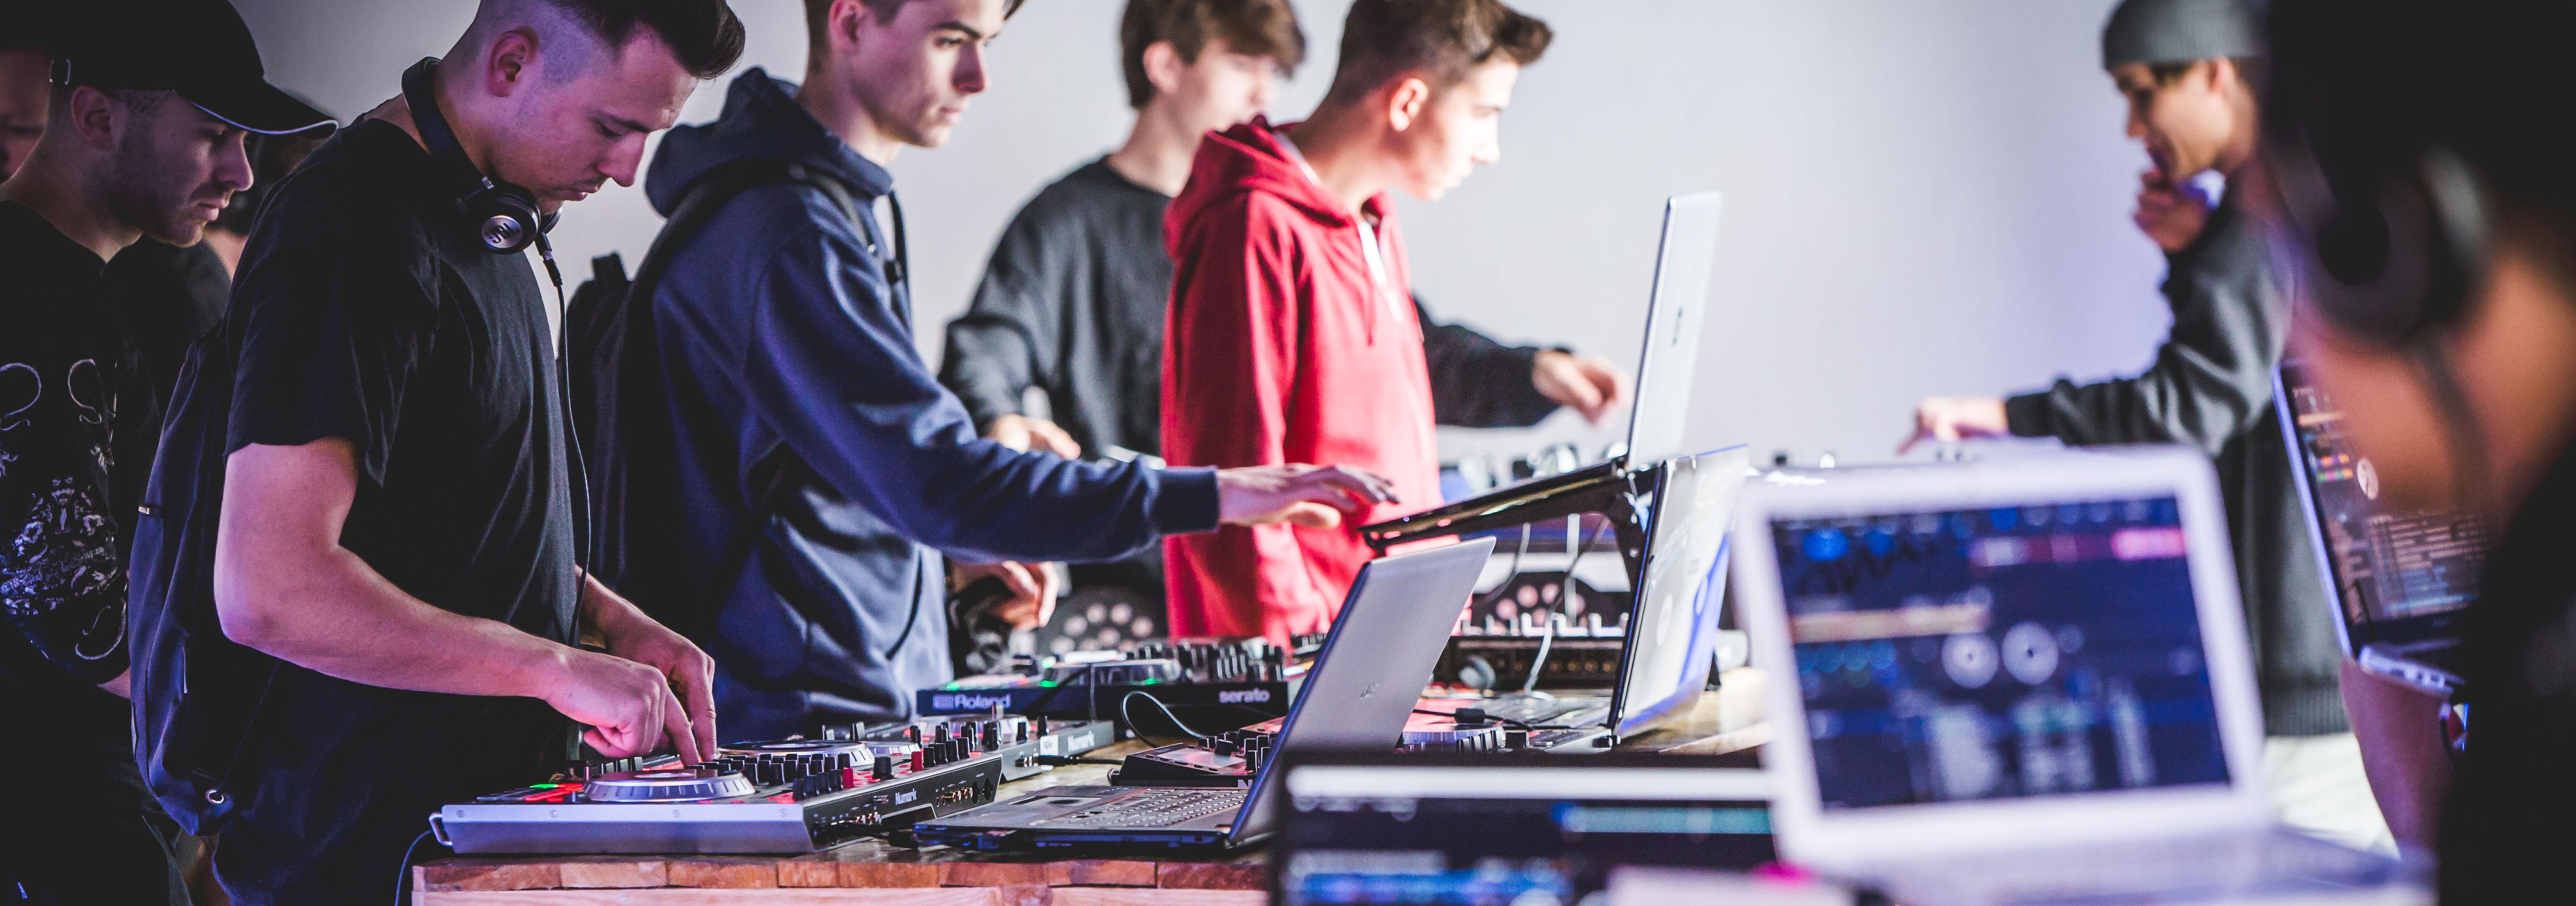 Warsztaty DJ - WSDJ Studio